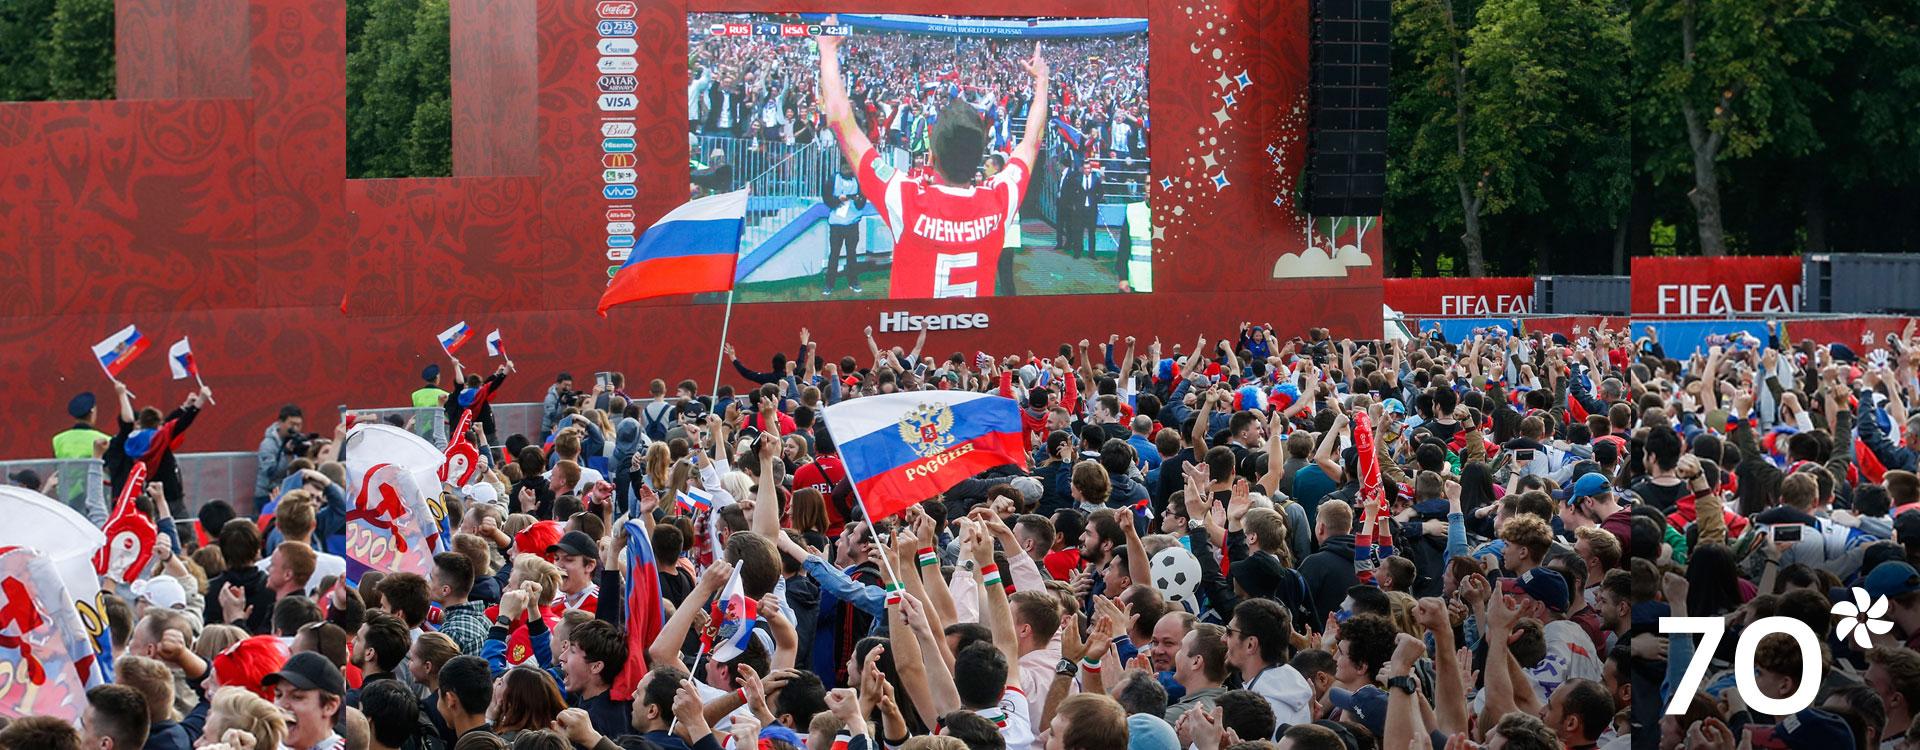 Imagen de hinchas de fútbol viendo un partido de fútbol en pantalla grande